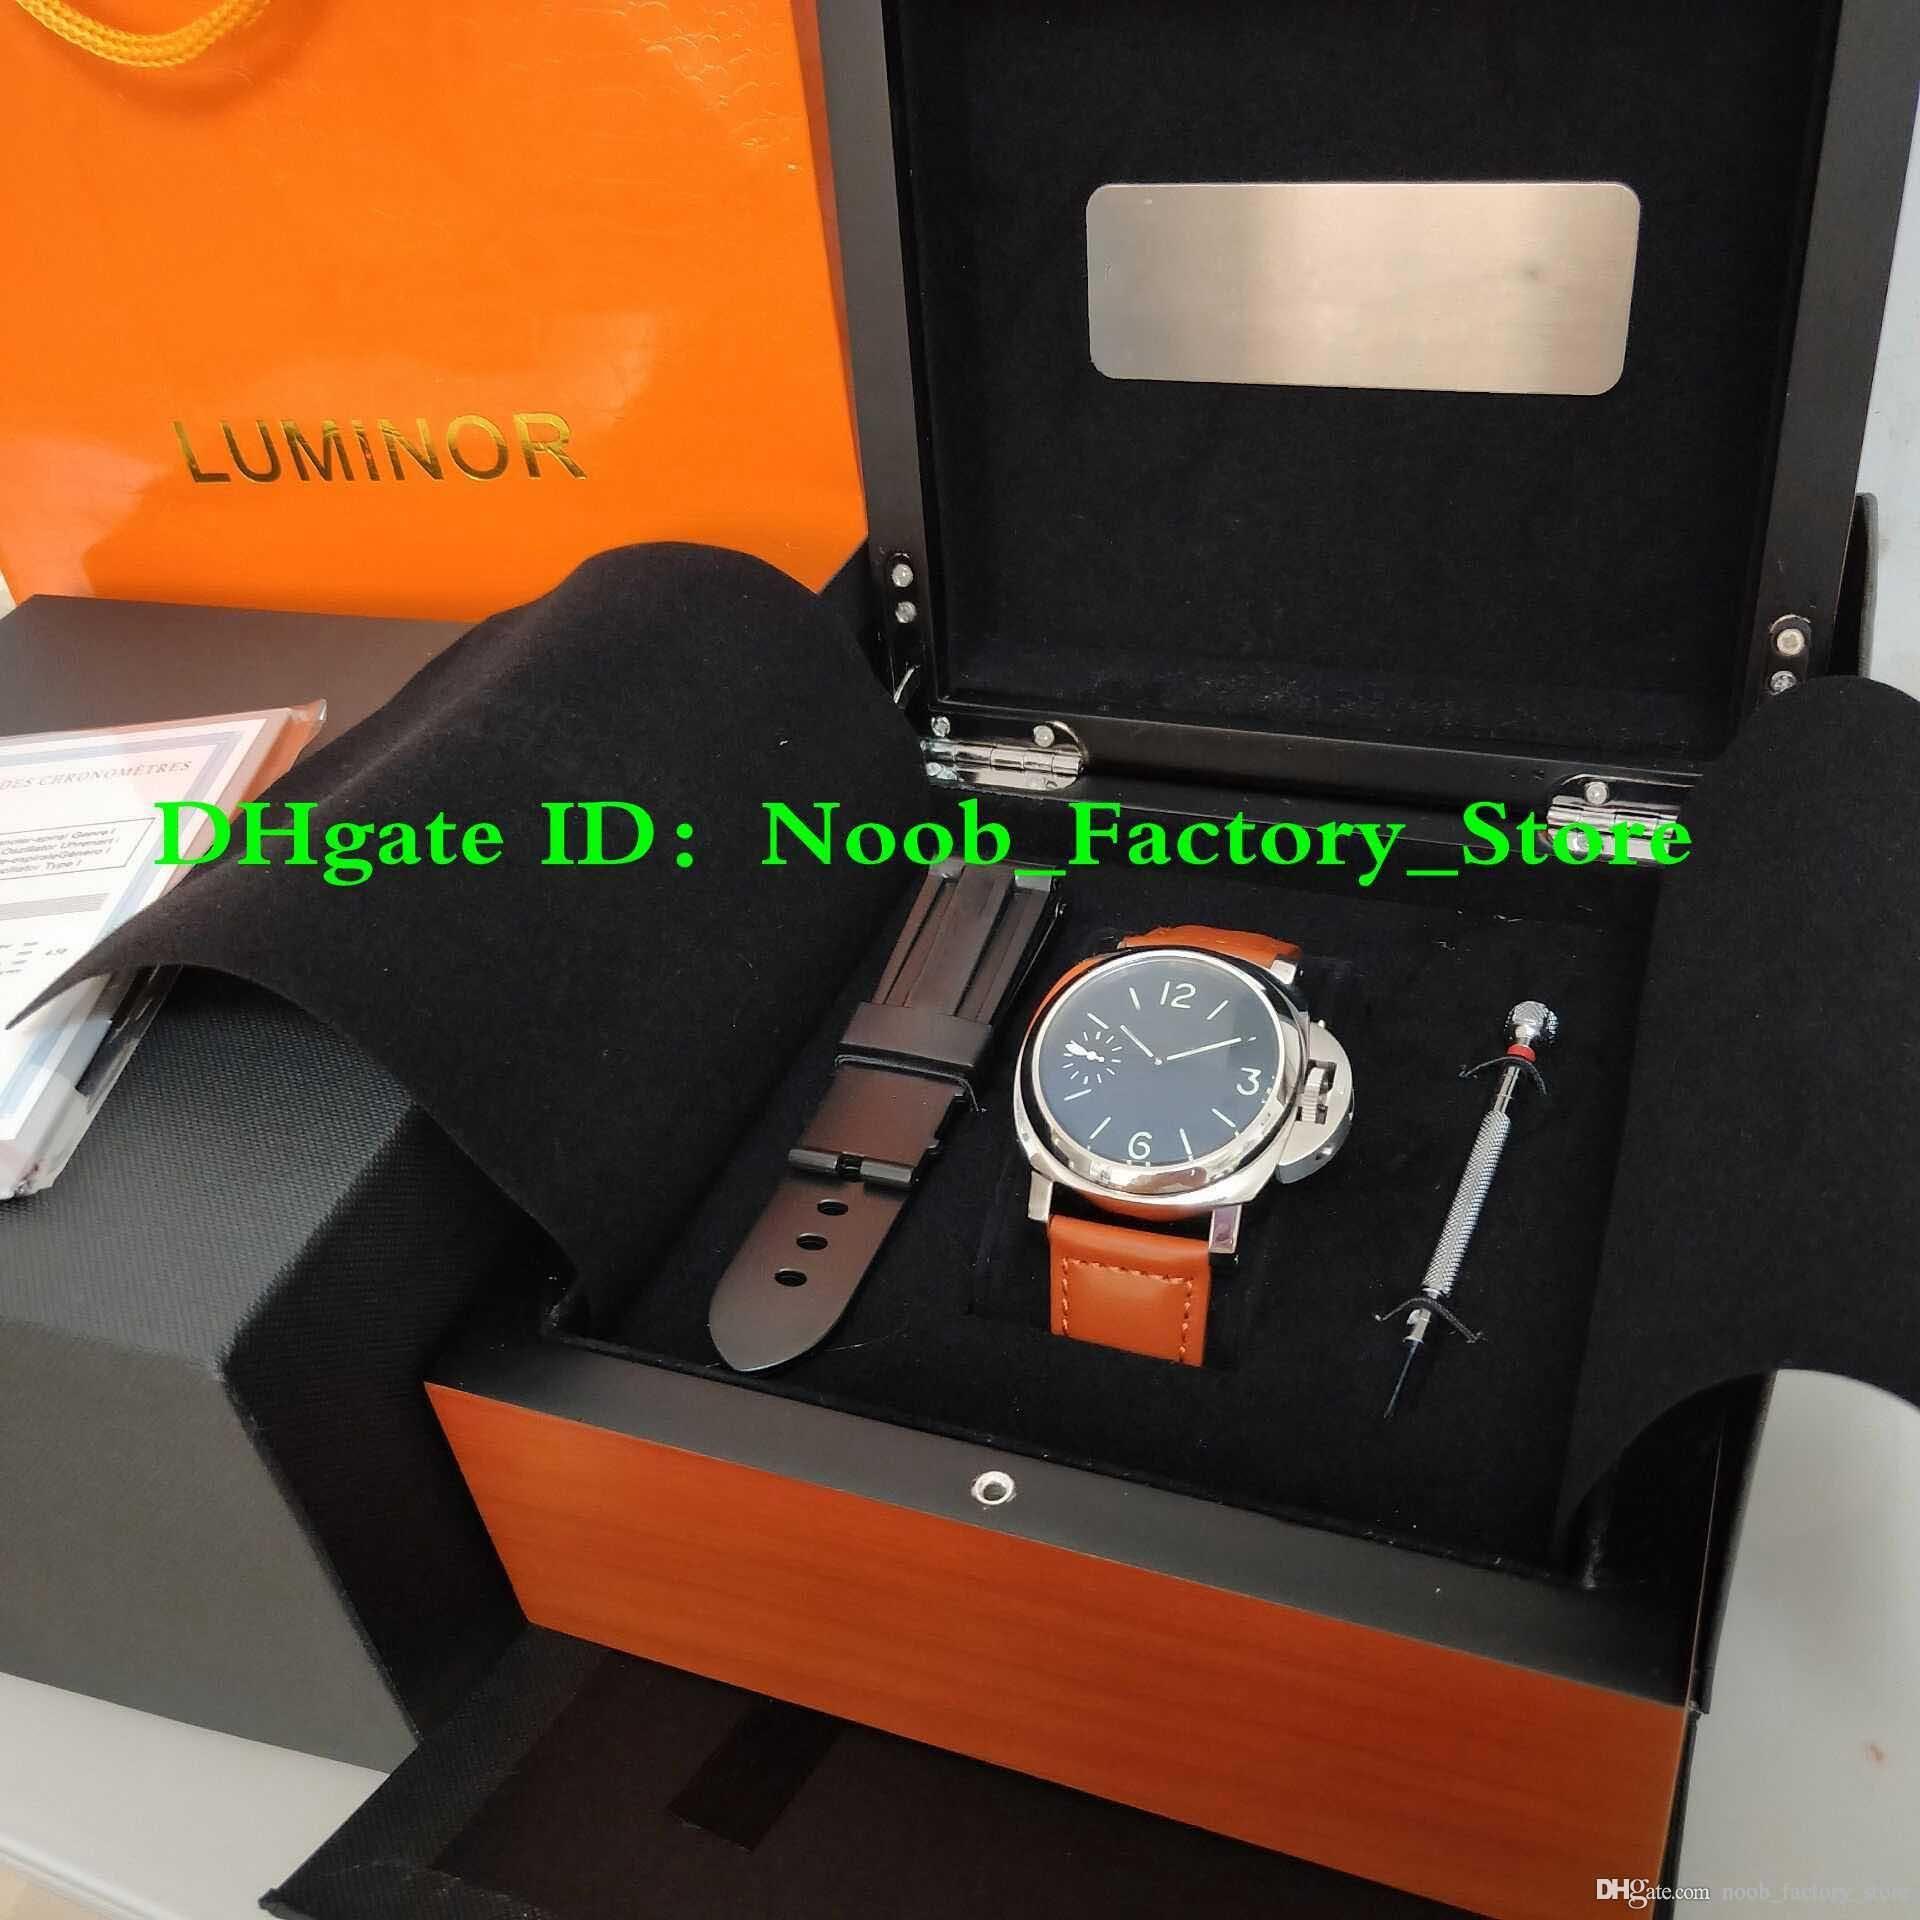 أفضل WATCH مصنع 44mm والوجه الأسود الشريط براون سوبر 111 الميكانيكية يدوية المتعرجة حركة أزياء للرجال ساعات مع صندوق أصلي